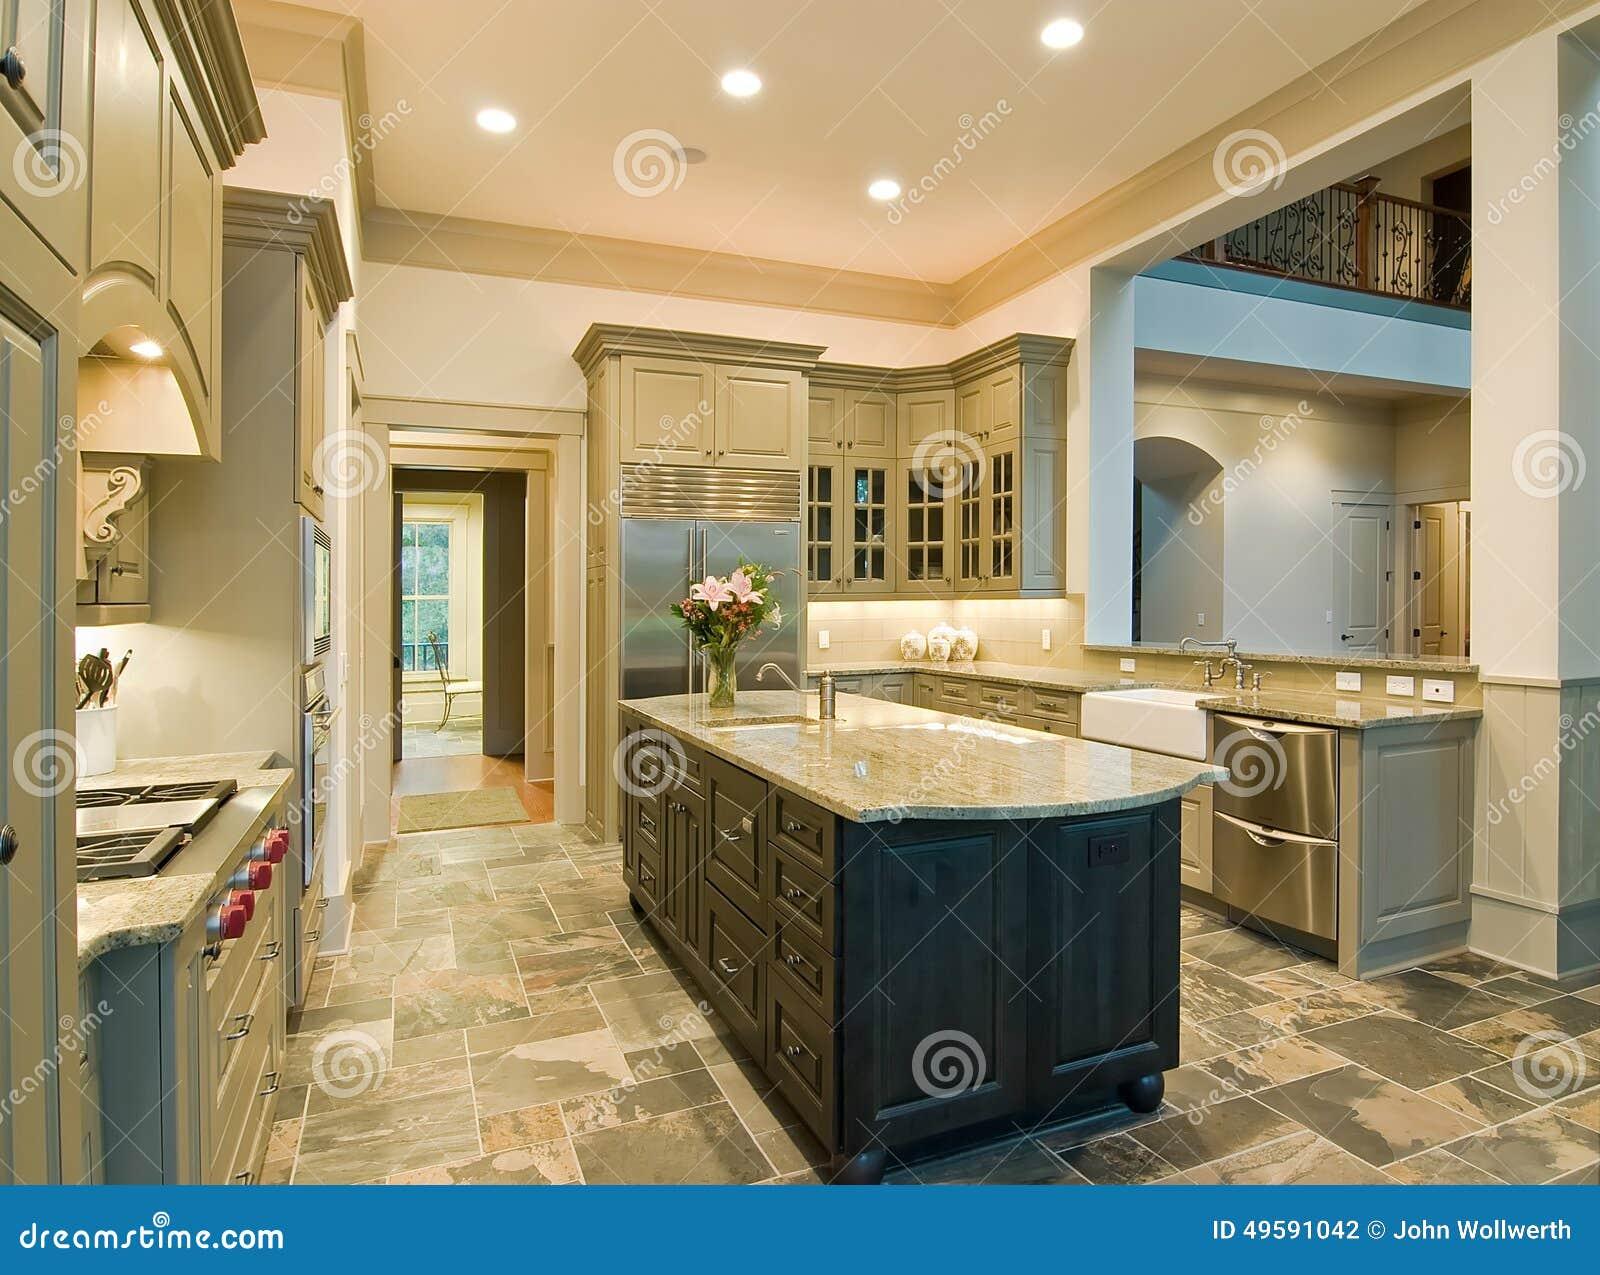 Teure Küche stockfoto. Bild von haupt, architektur, sauber - 49591042